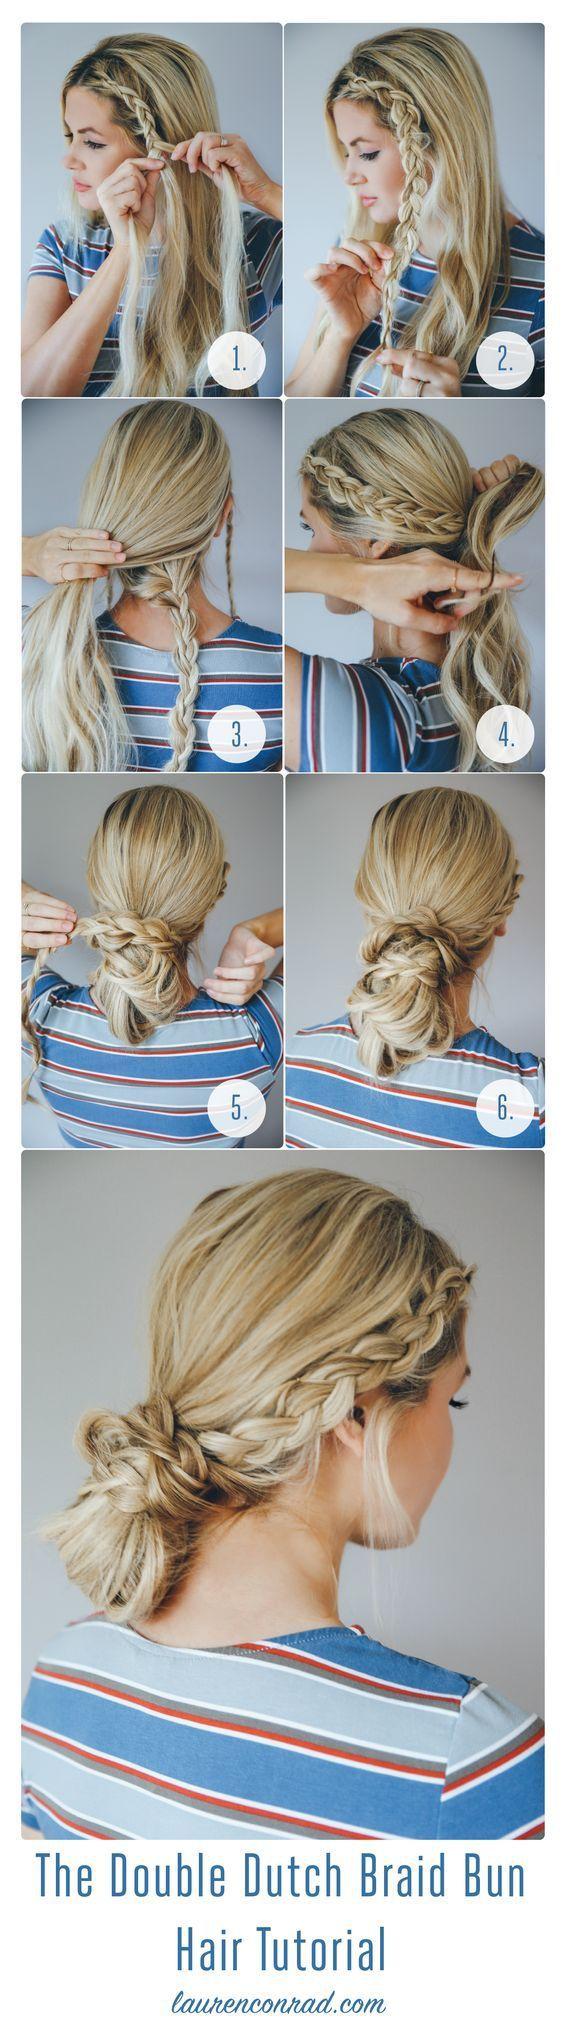 Double Dutch Braided Bun hairstyles